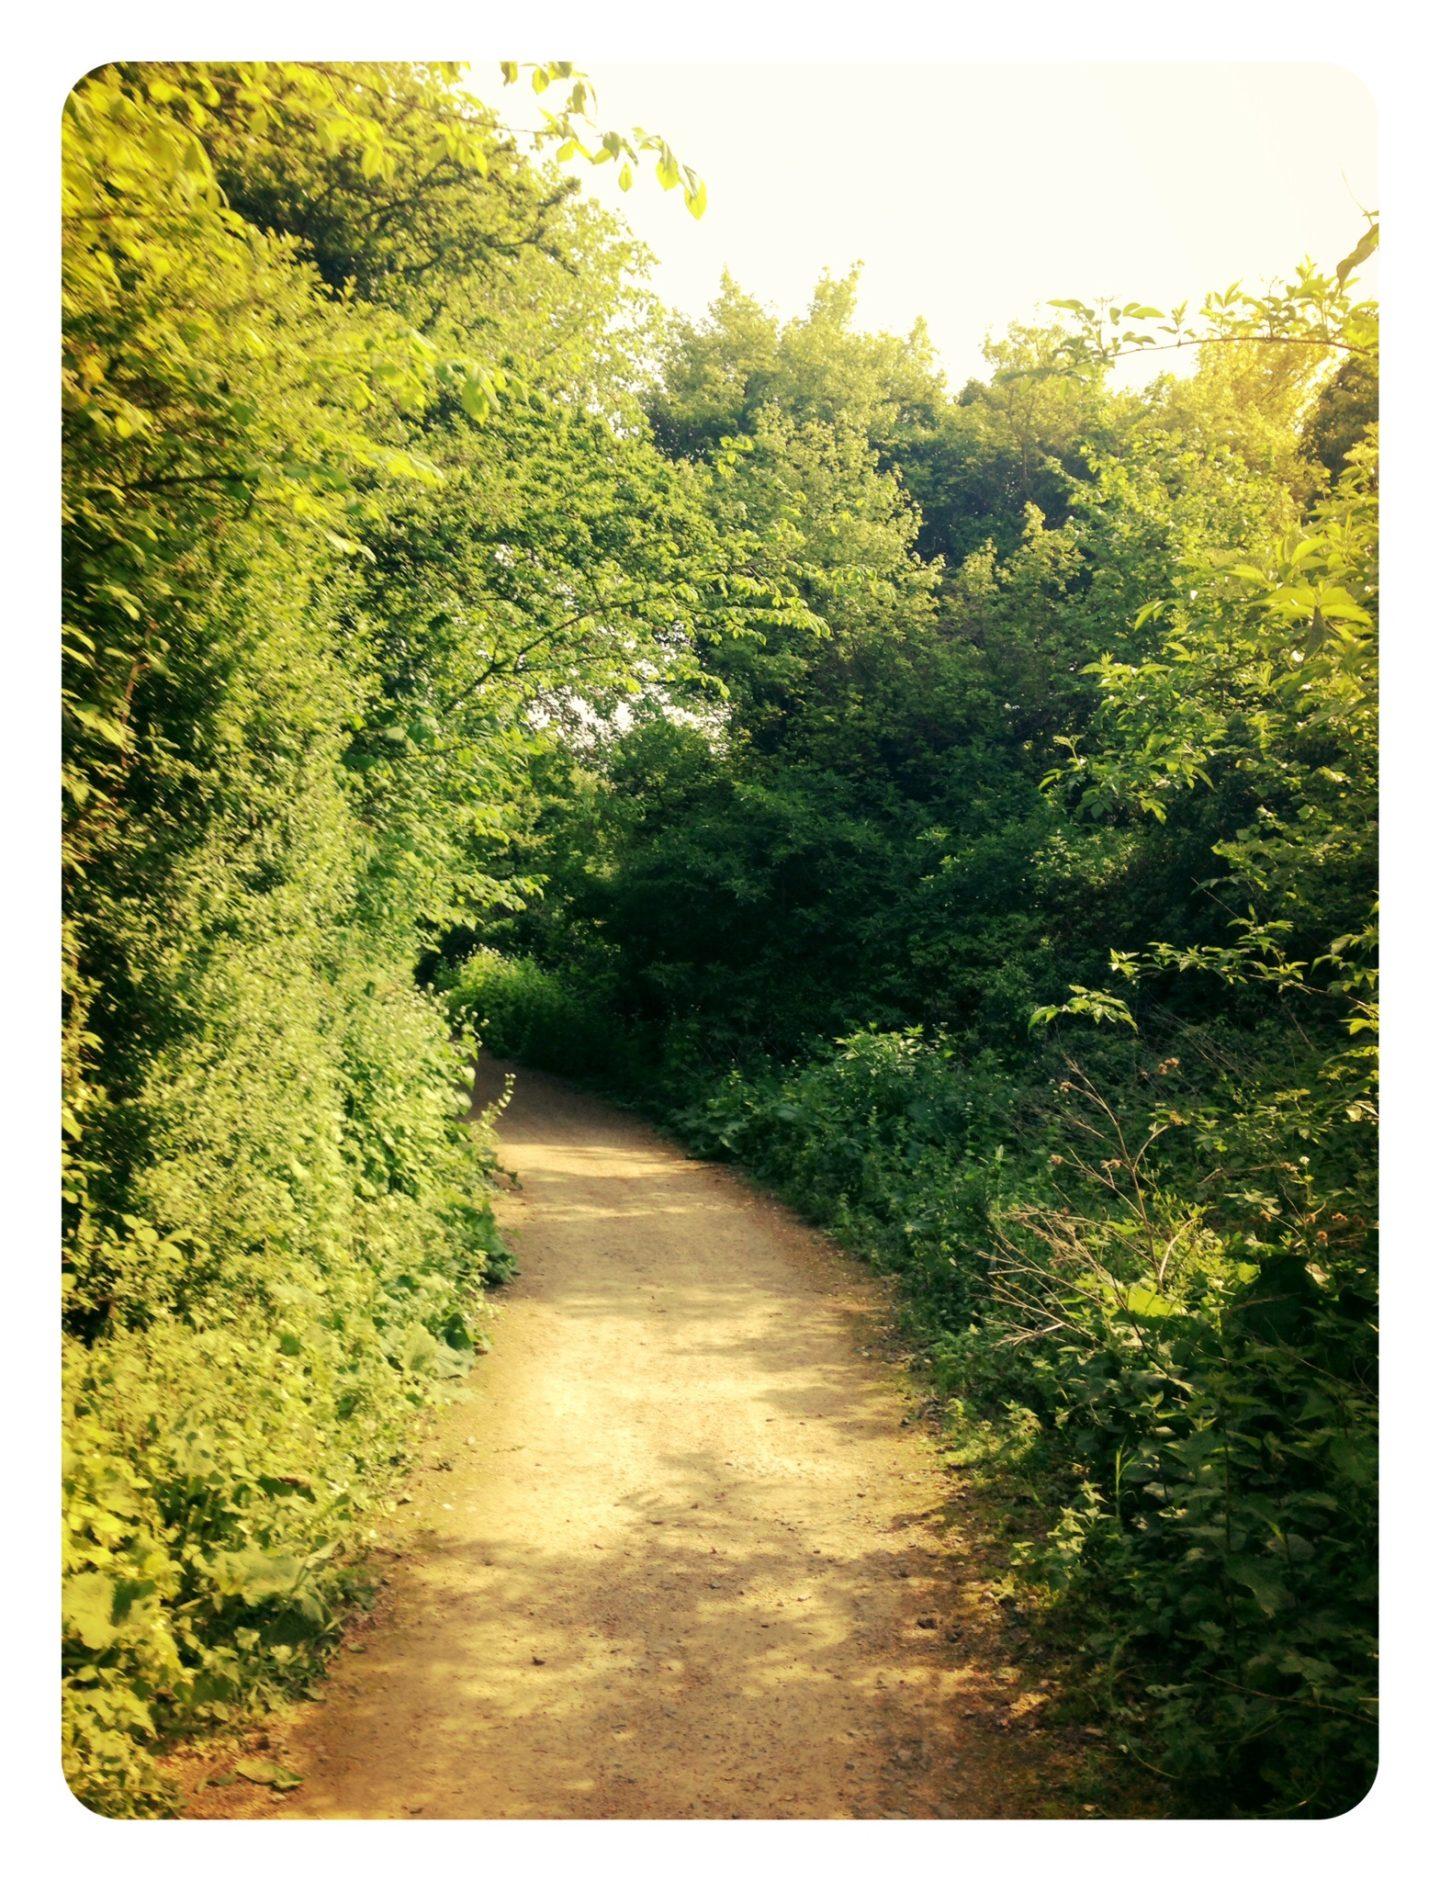 Letchworth Greenway